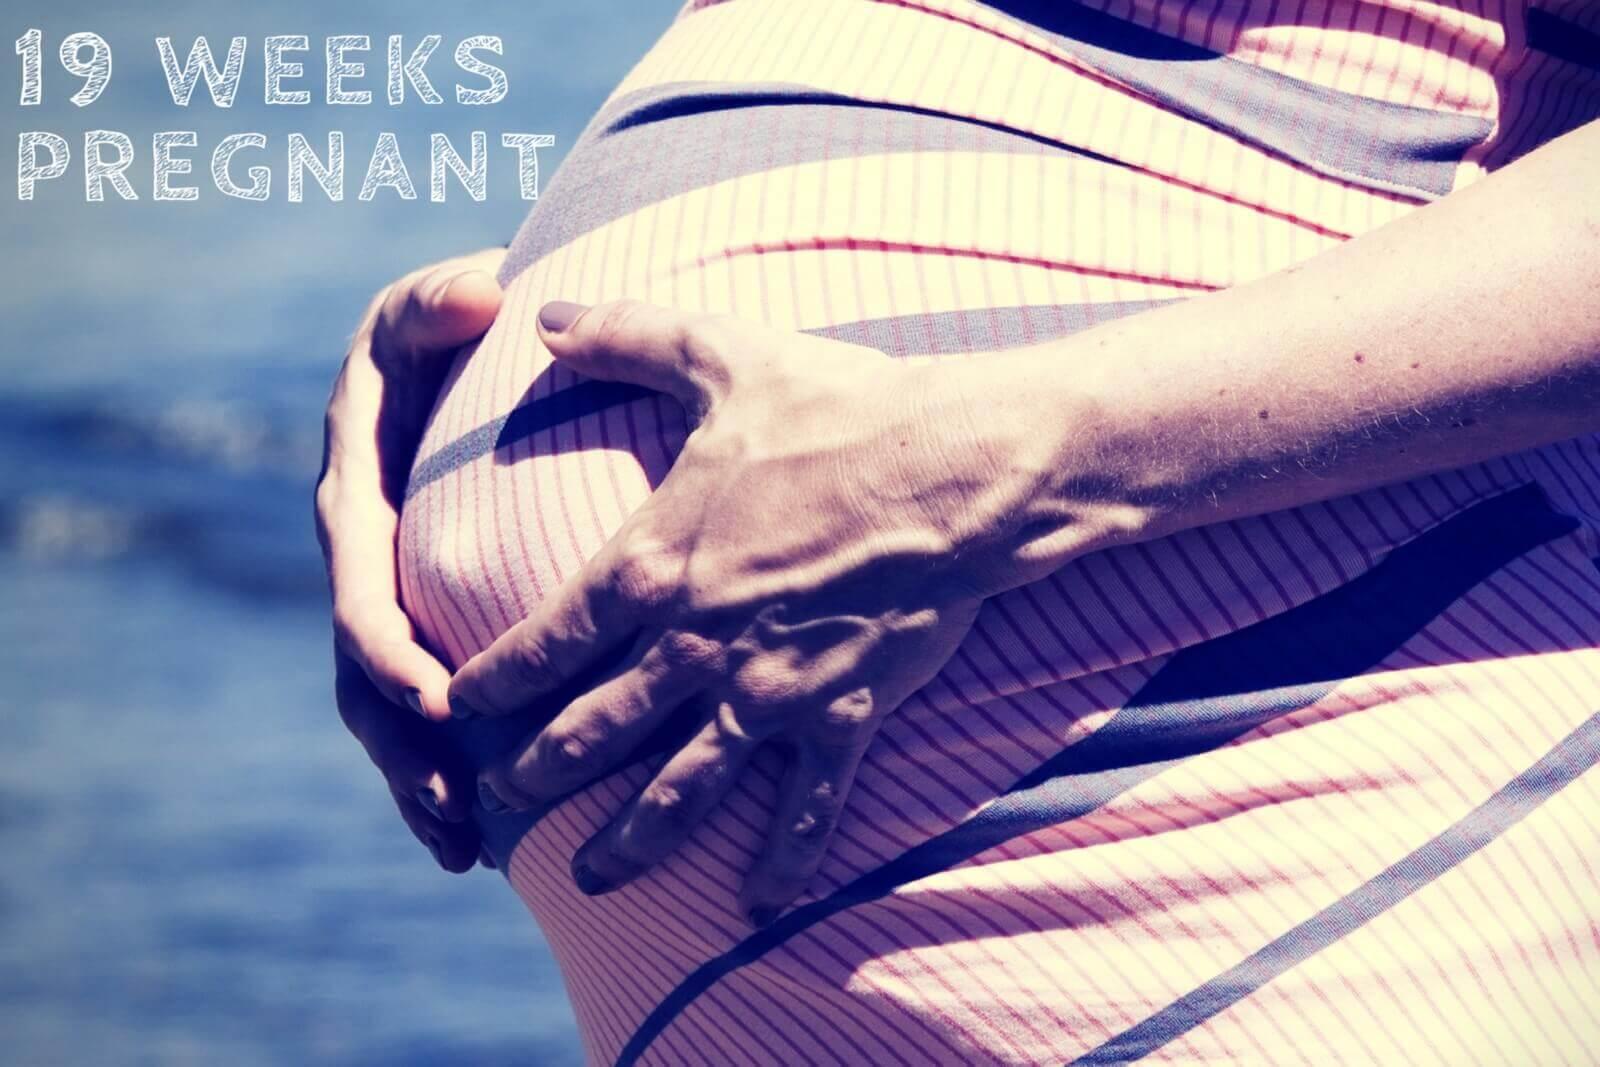 19-Weeks-Pregnant-Hero-Image